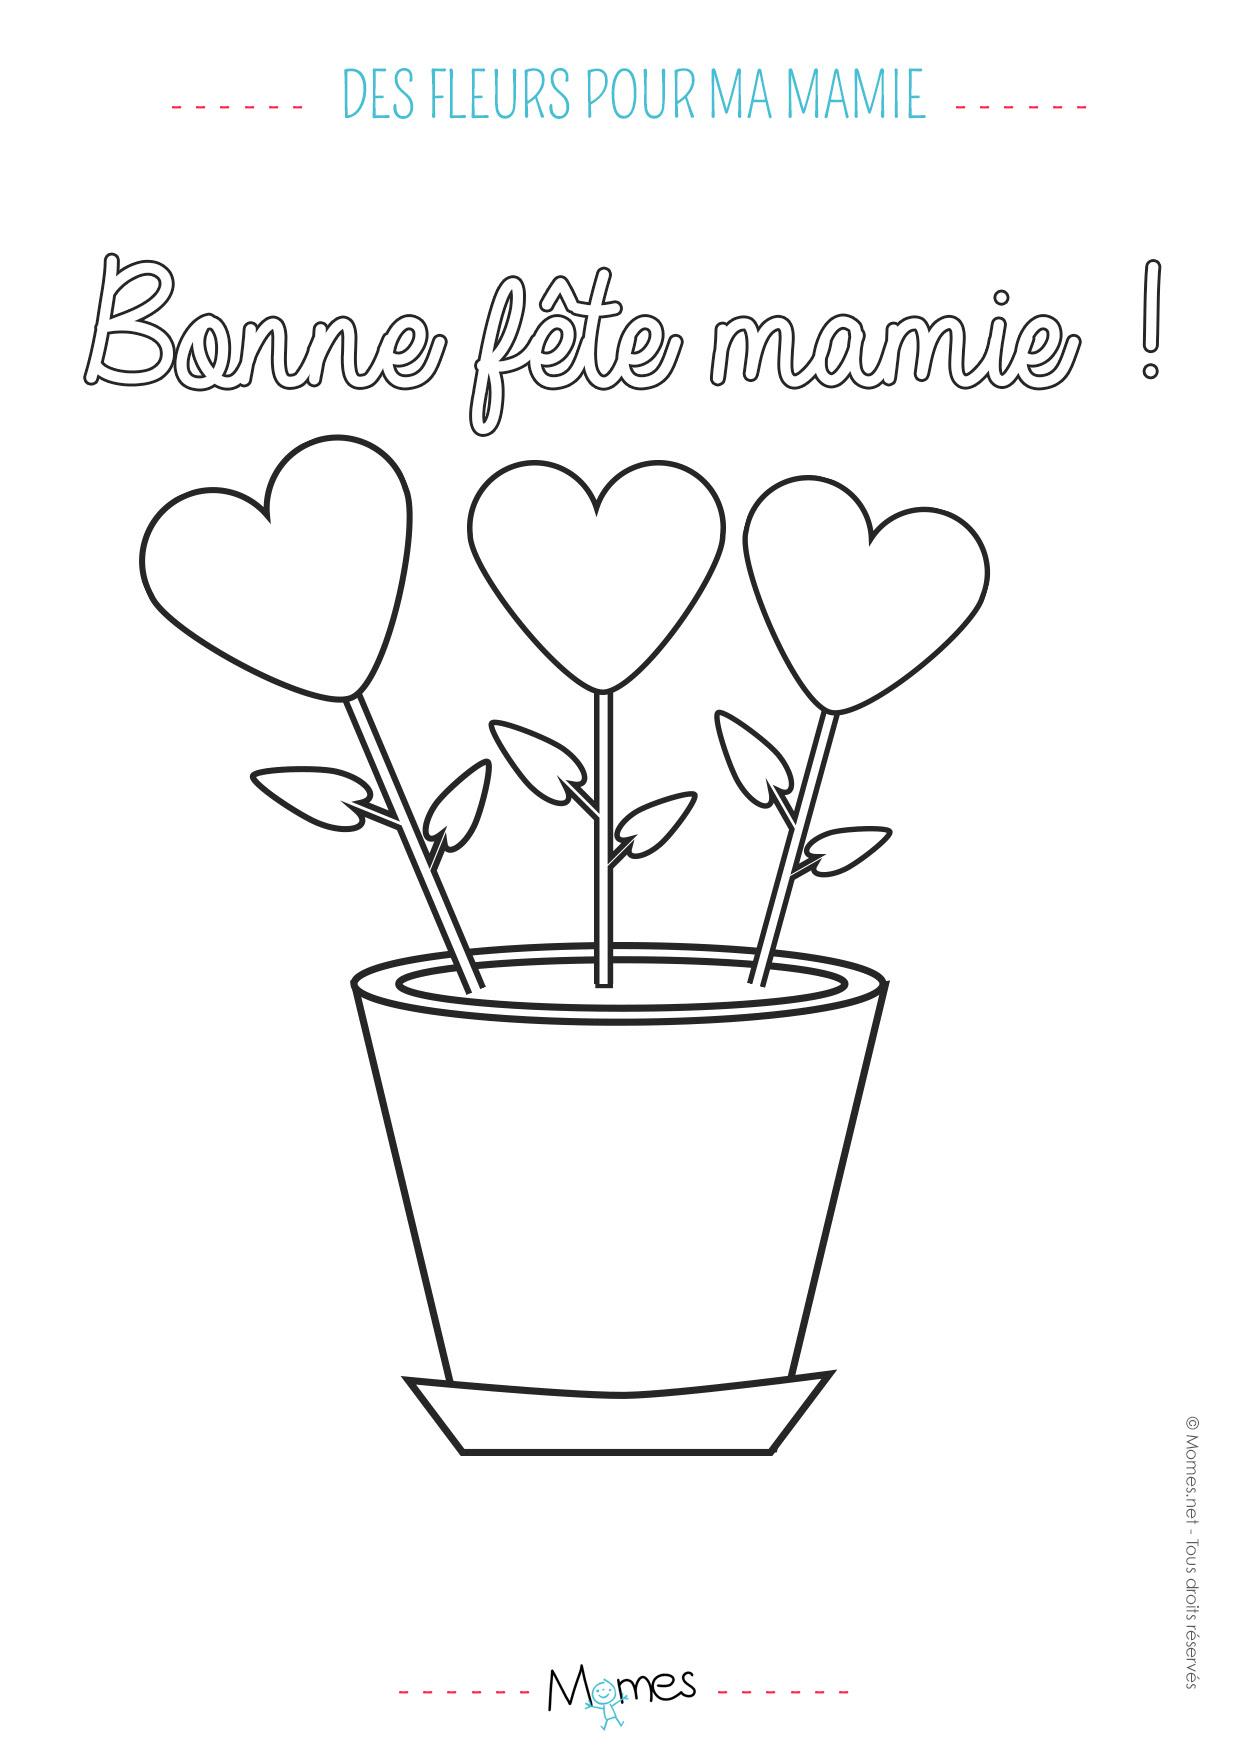 Coloriage Fête Des Grands Mères Un Bouquet De Coeurs Momesnet